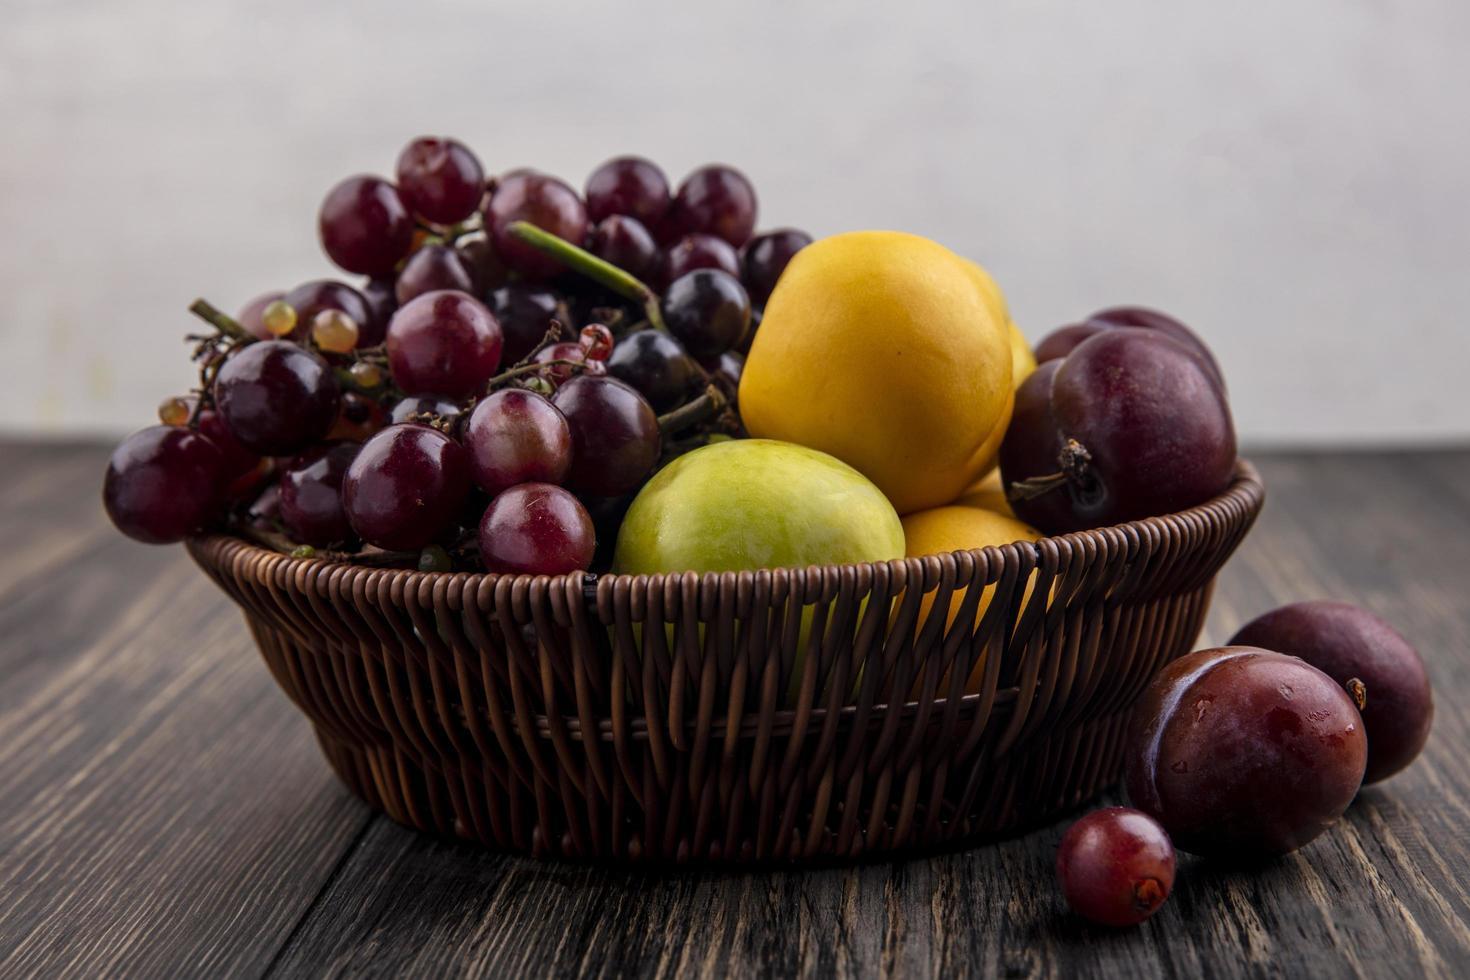 Surtido de frutas en una canasta sobre superficie de madera foto